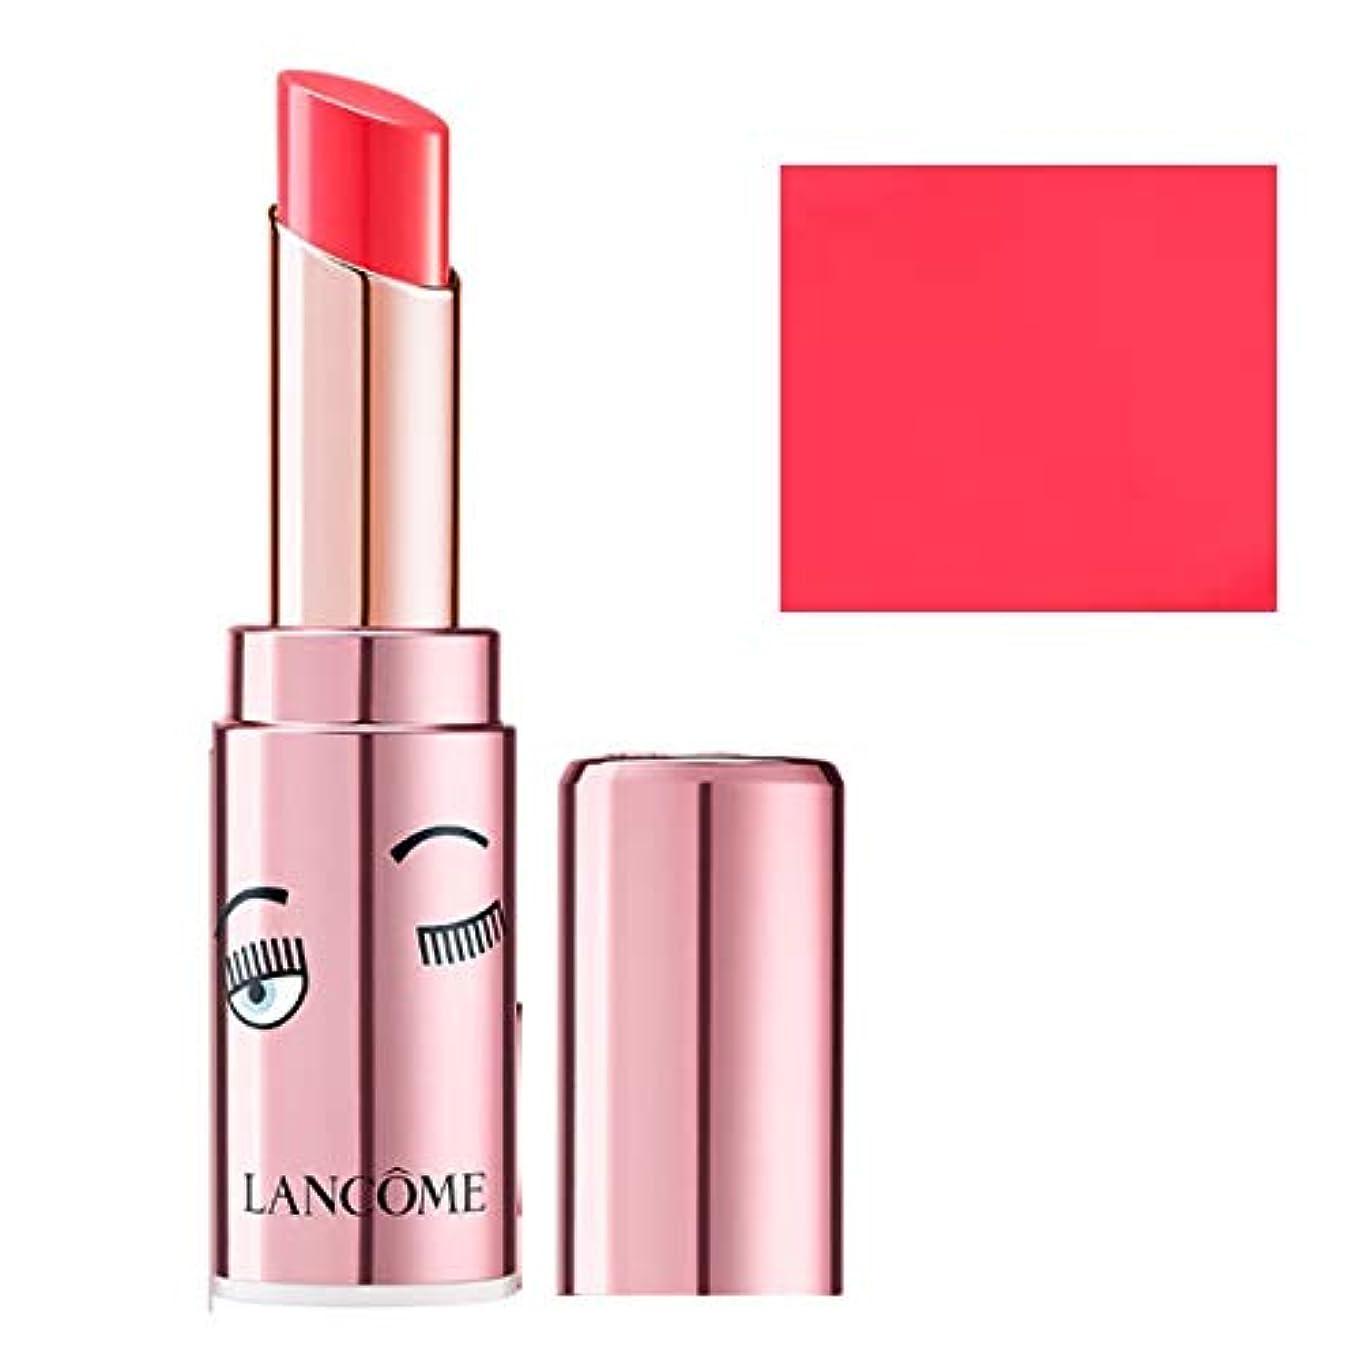 適度にラフトシエスタランコム(LANCOME), 限定版 limited-edition, x Chiara Ferragni L'Absolu Mademoiselle Shine Balm Lipstick - Positive Attitude [海外直送品] [並行輸入品]